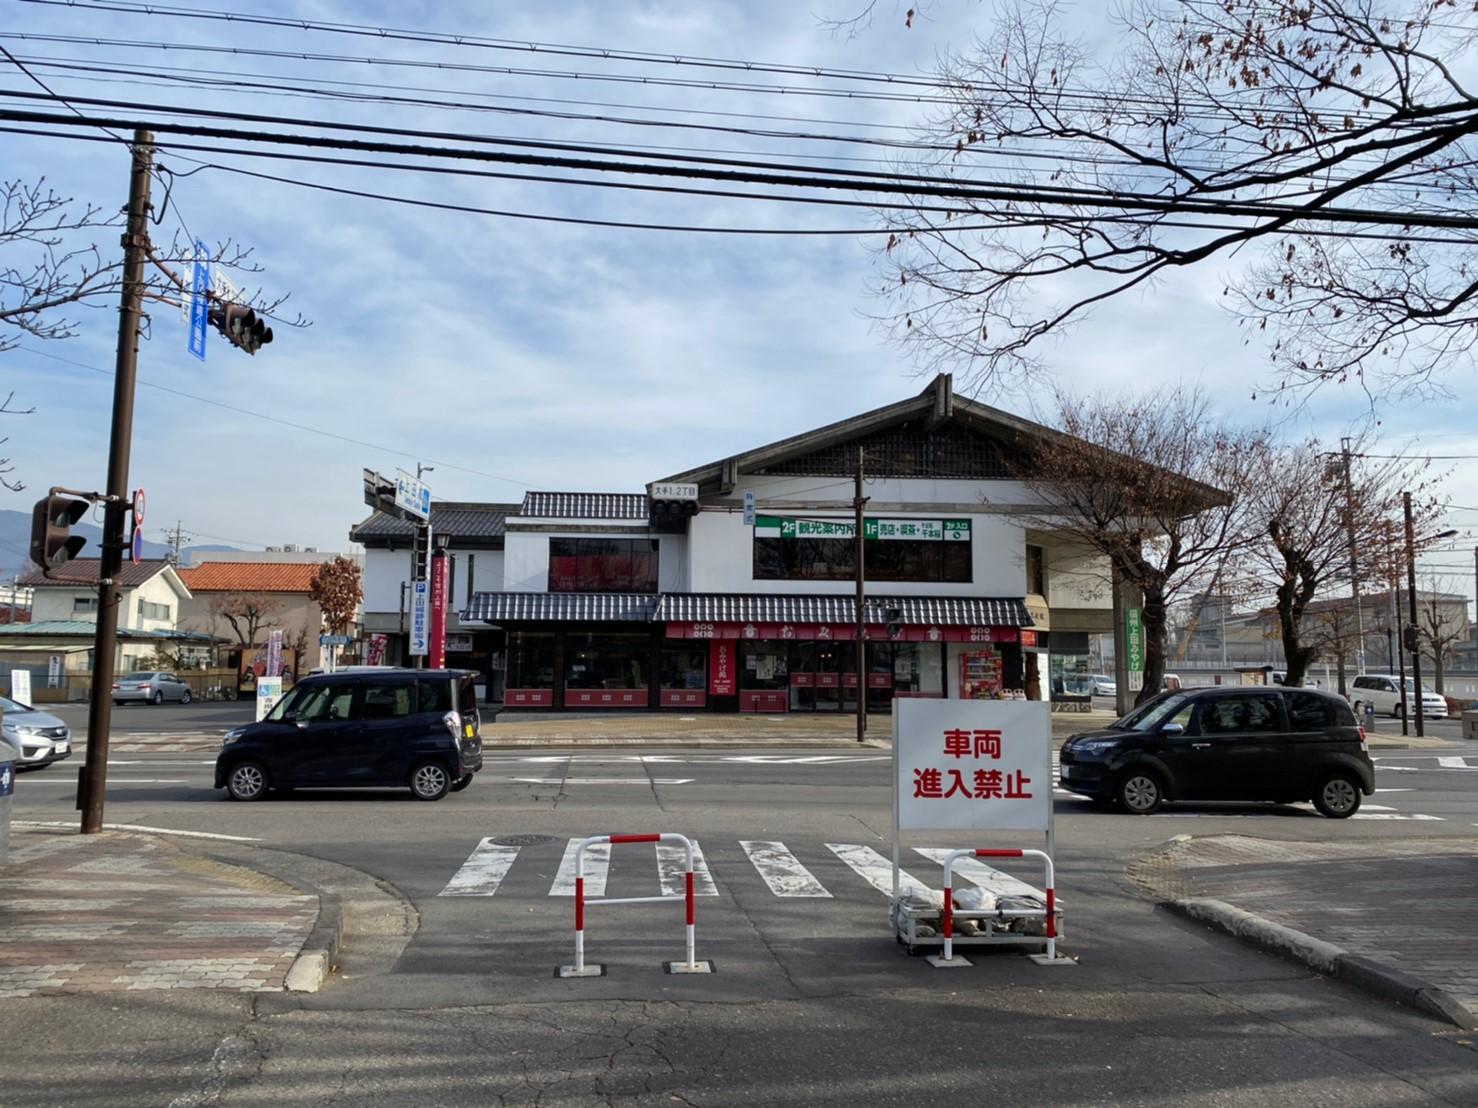 『上田城』を120%楽しむ観光ガイド(写真スポット・アクセス・スタンプ・駐車場)を徹底紹介